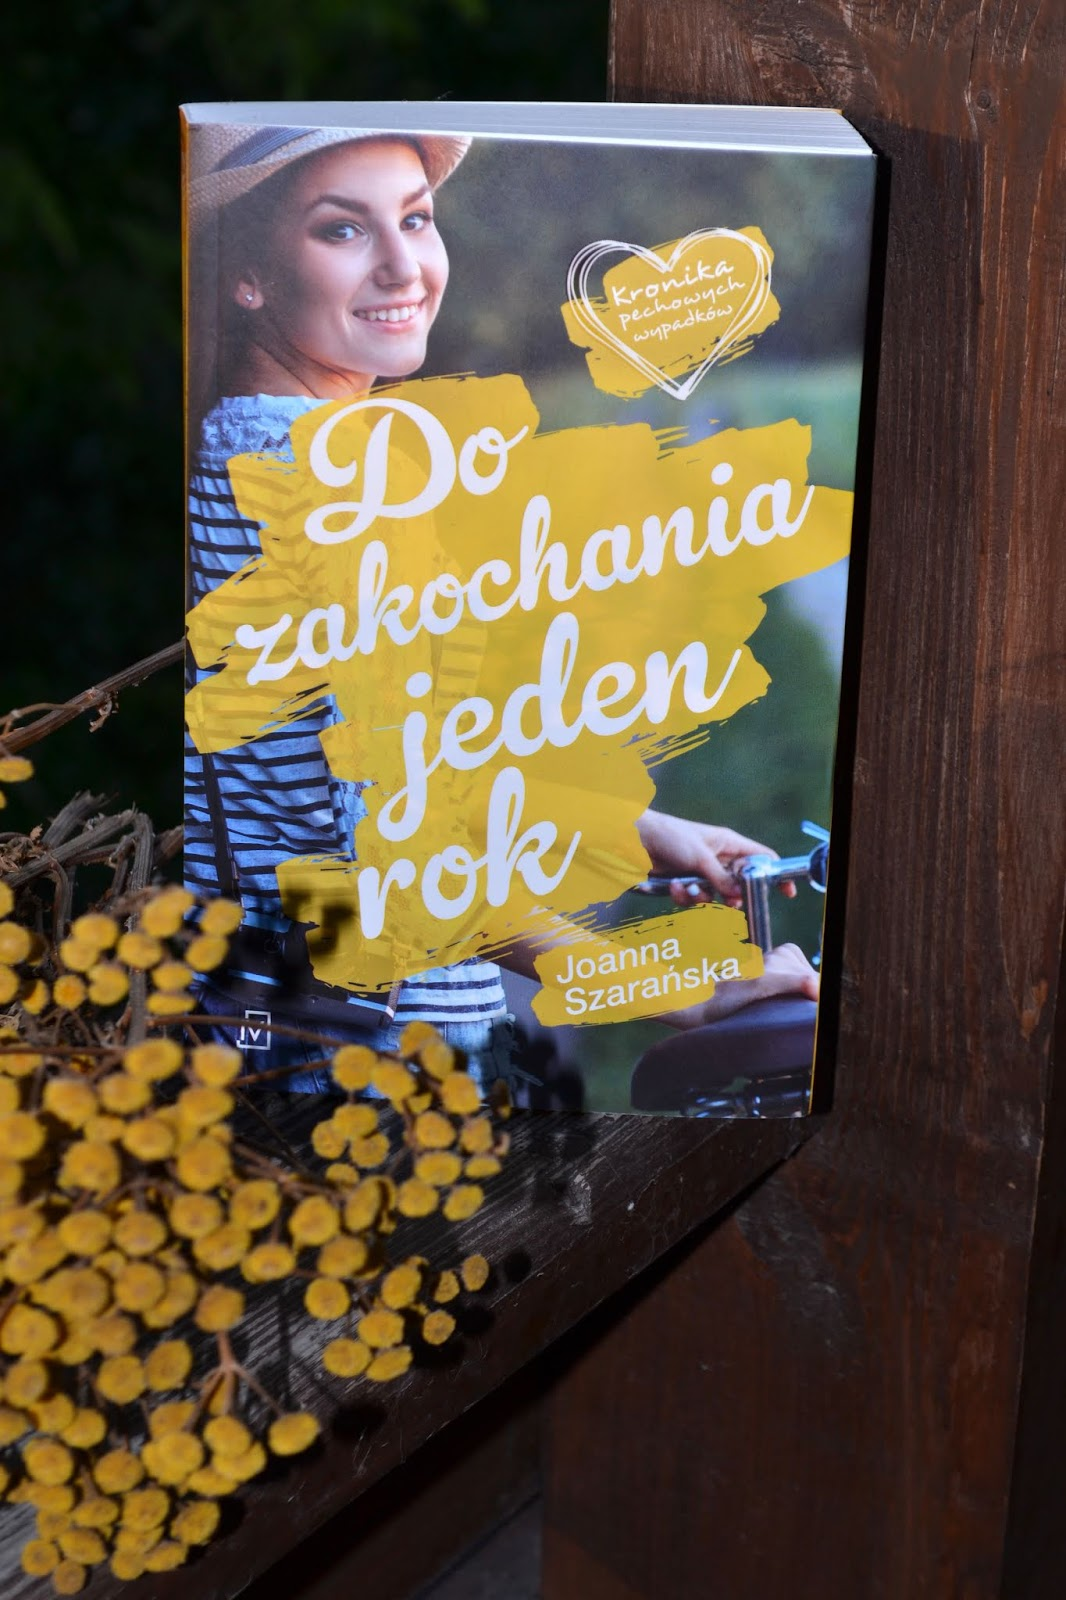 Do zakochania jeden rok - Joanna Szarańska czyli kolejna książka na weekend